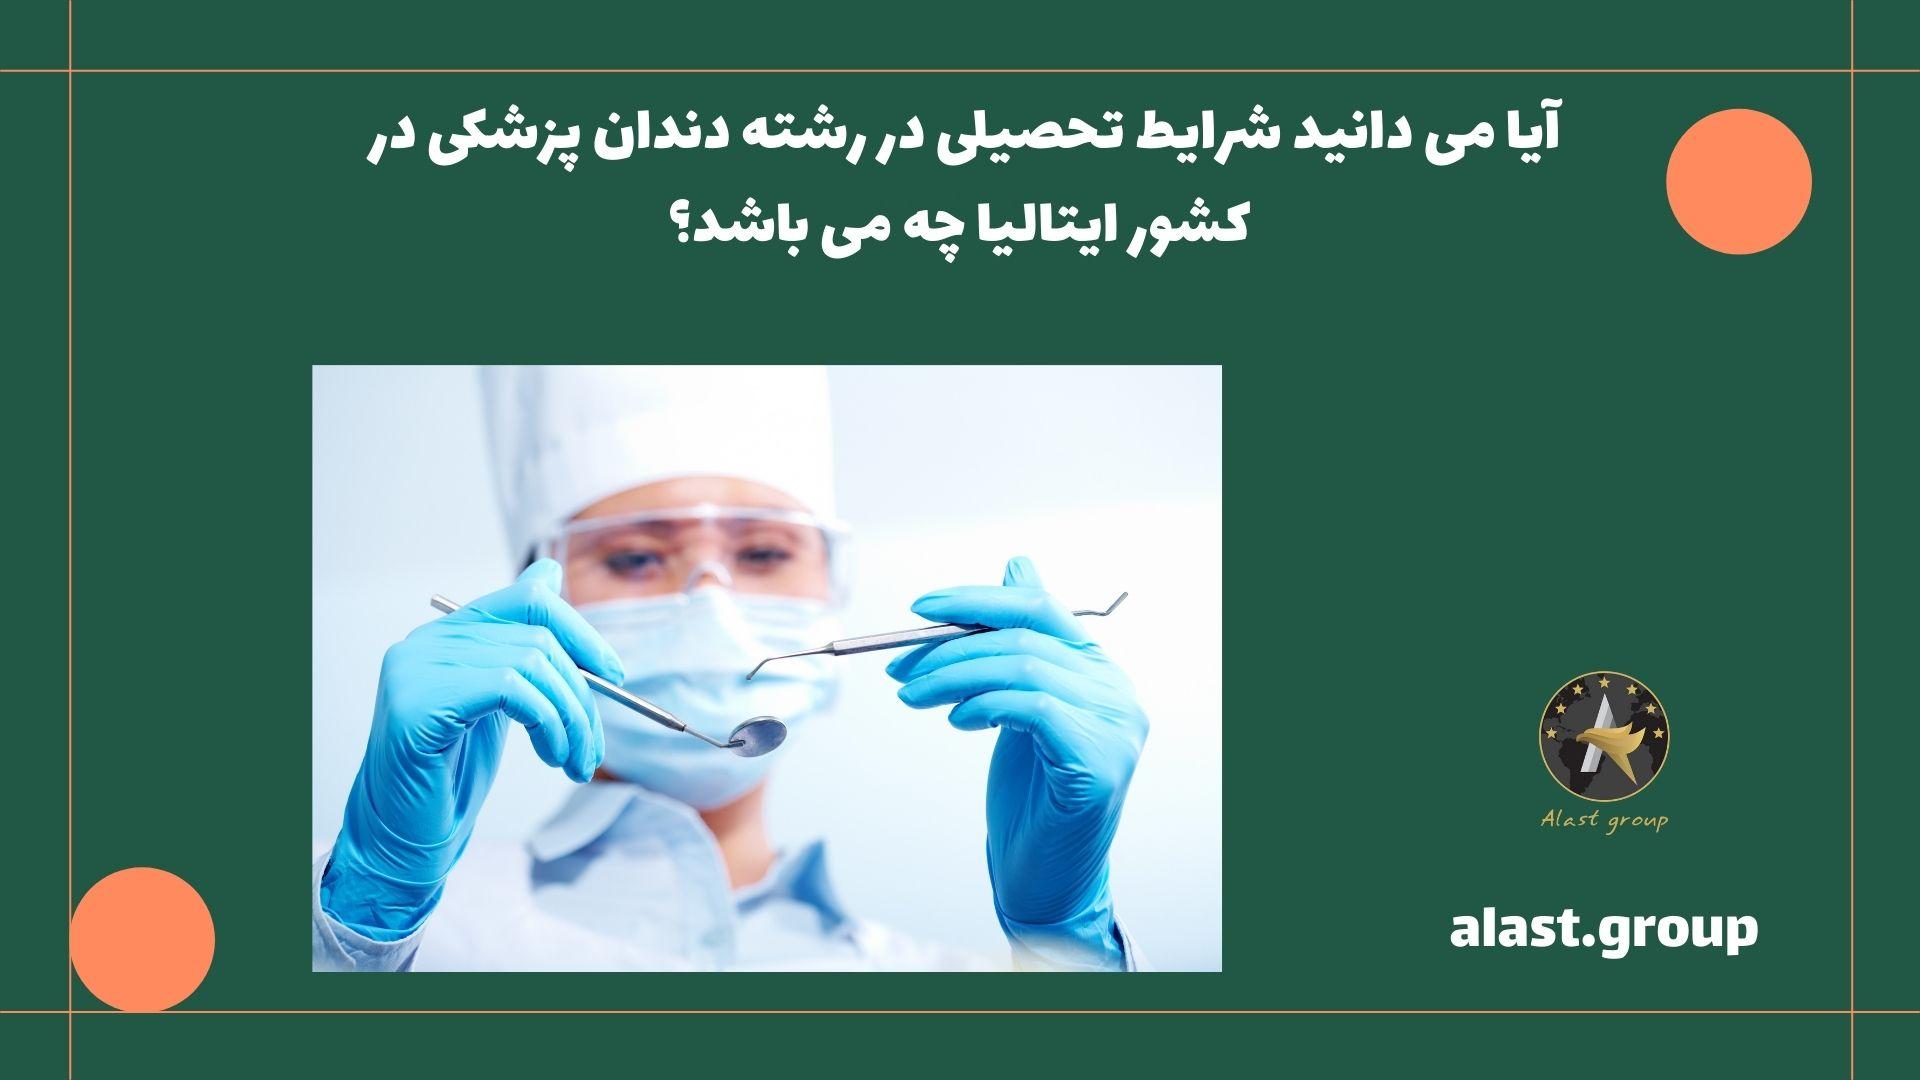 آیا می دانید شرایط تحصیلی در رشته دندان پزشکی در کشور ایتالیا چه می باشد؟